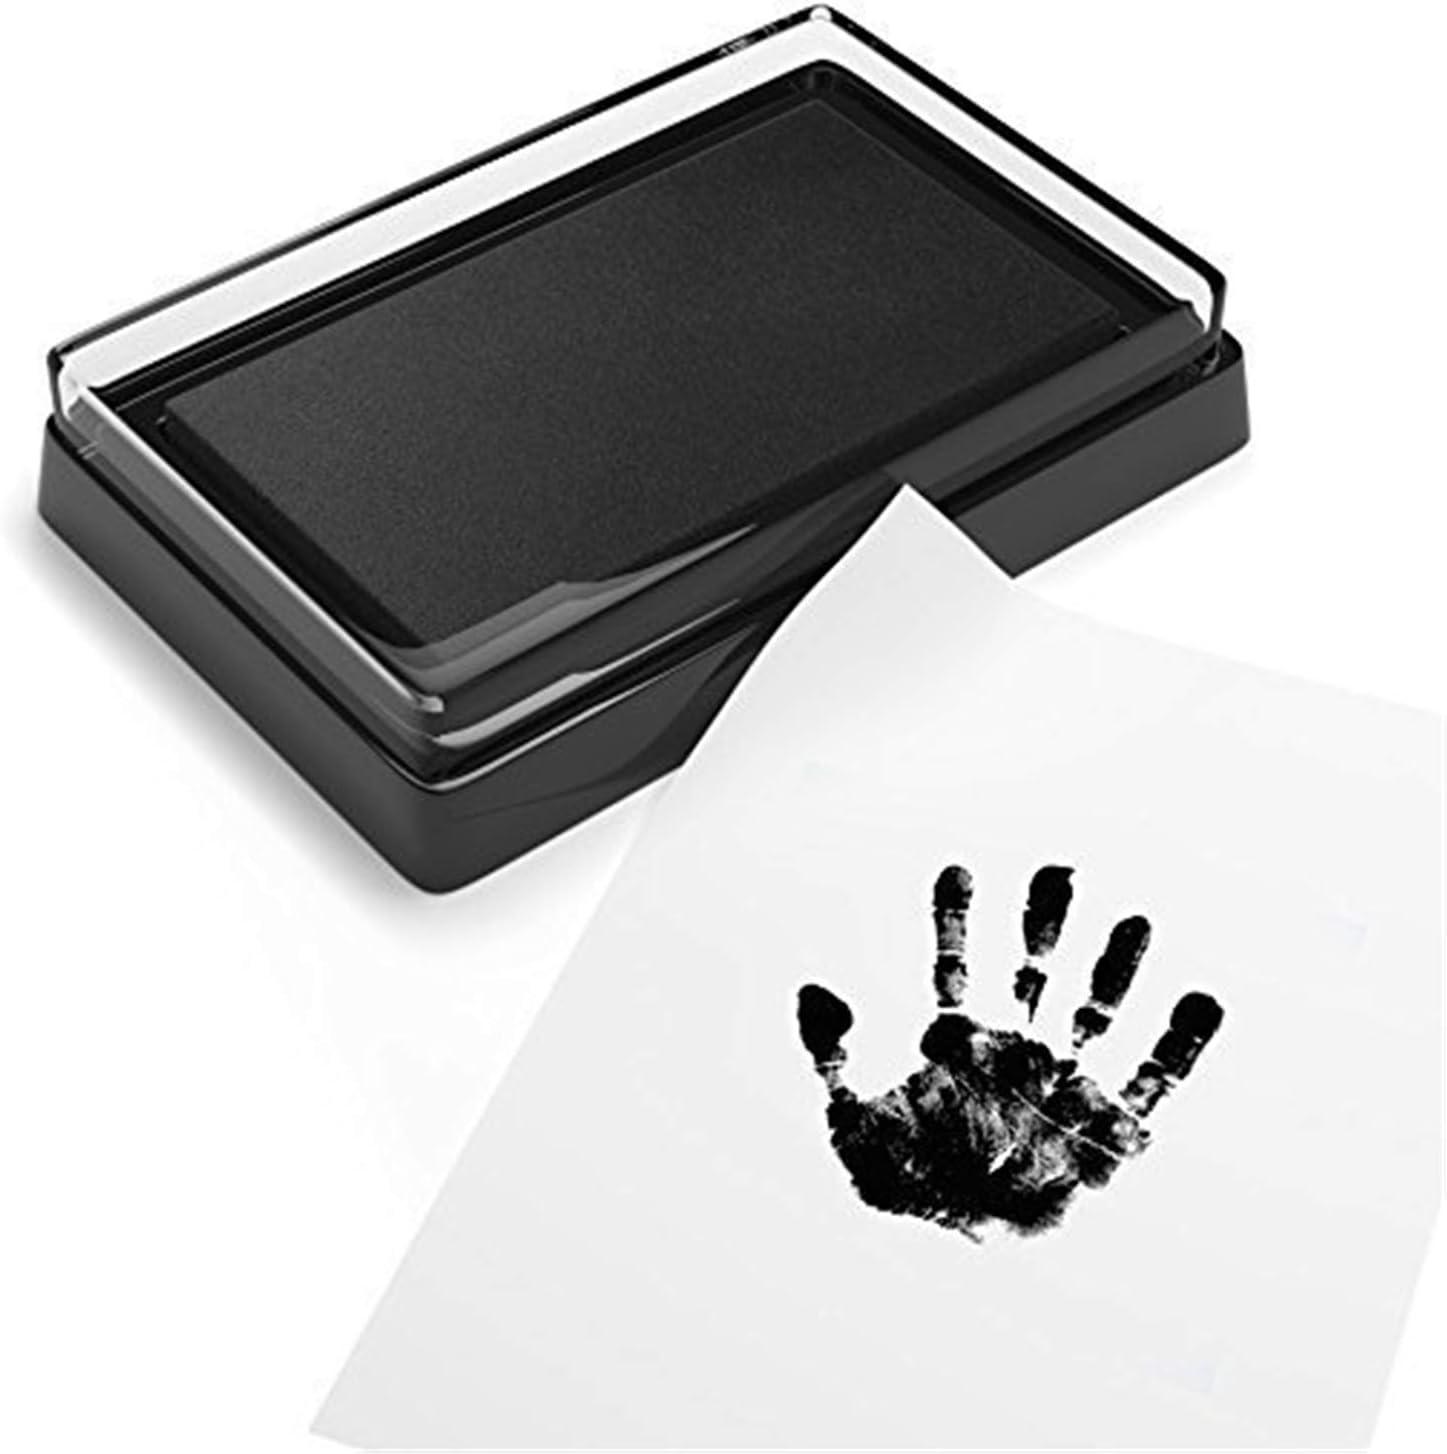 CHSEEO Cornice Impronta Bambino Neonato Kit Porta Foto e Impronte di Mani e Piedi per Bambini e Bambine Regalo per Nascita e Battesimo #1 Bambino Keepsake Regalo